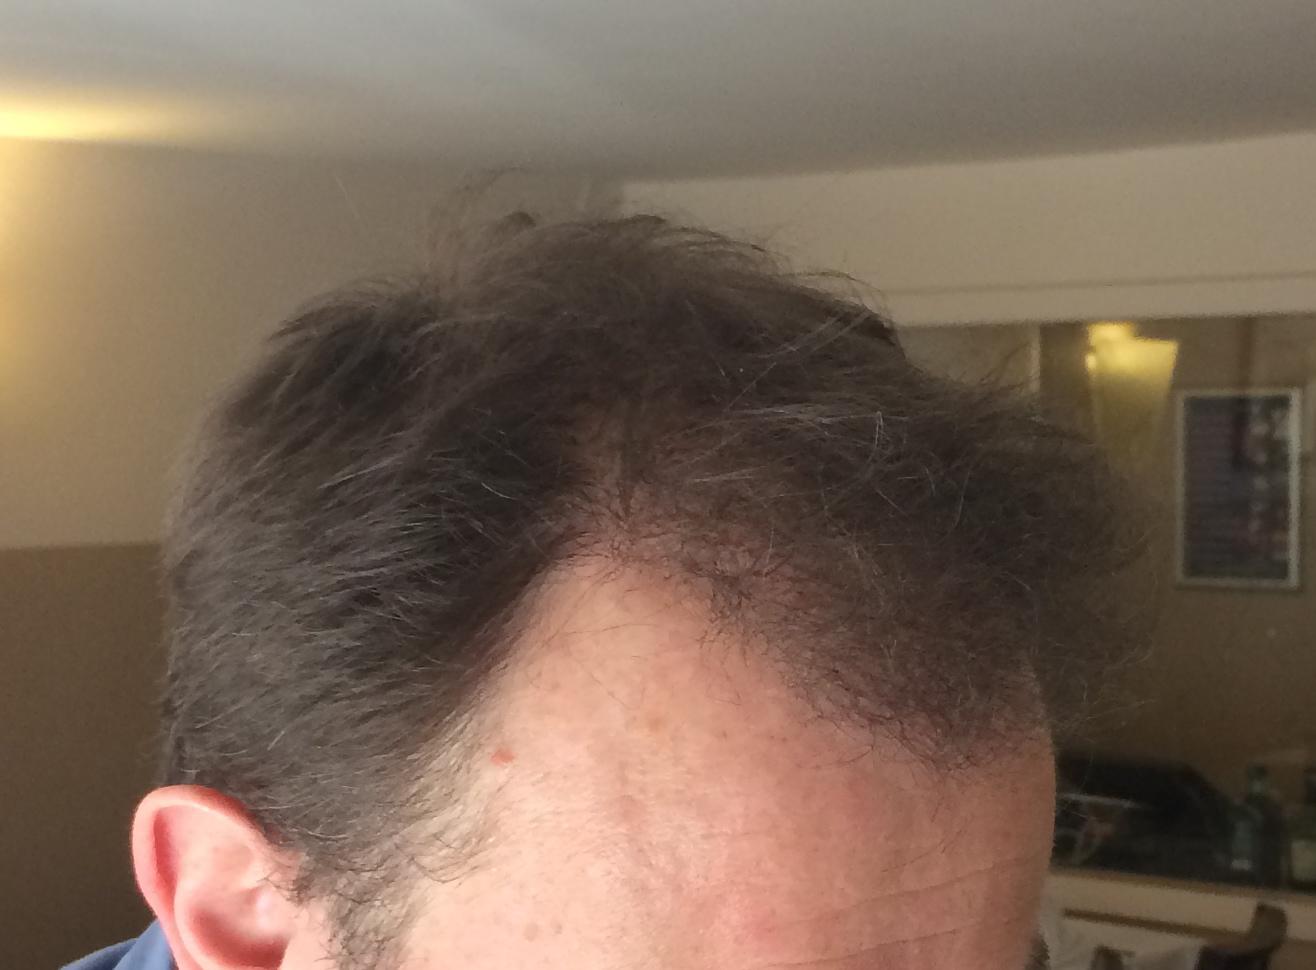 implants capillaires greffe de cheveux docteur patural sp cialiste saint tienne en. Black Bedroom Furniture Sets. Home Design Ideas